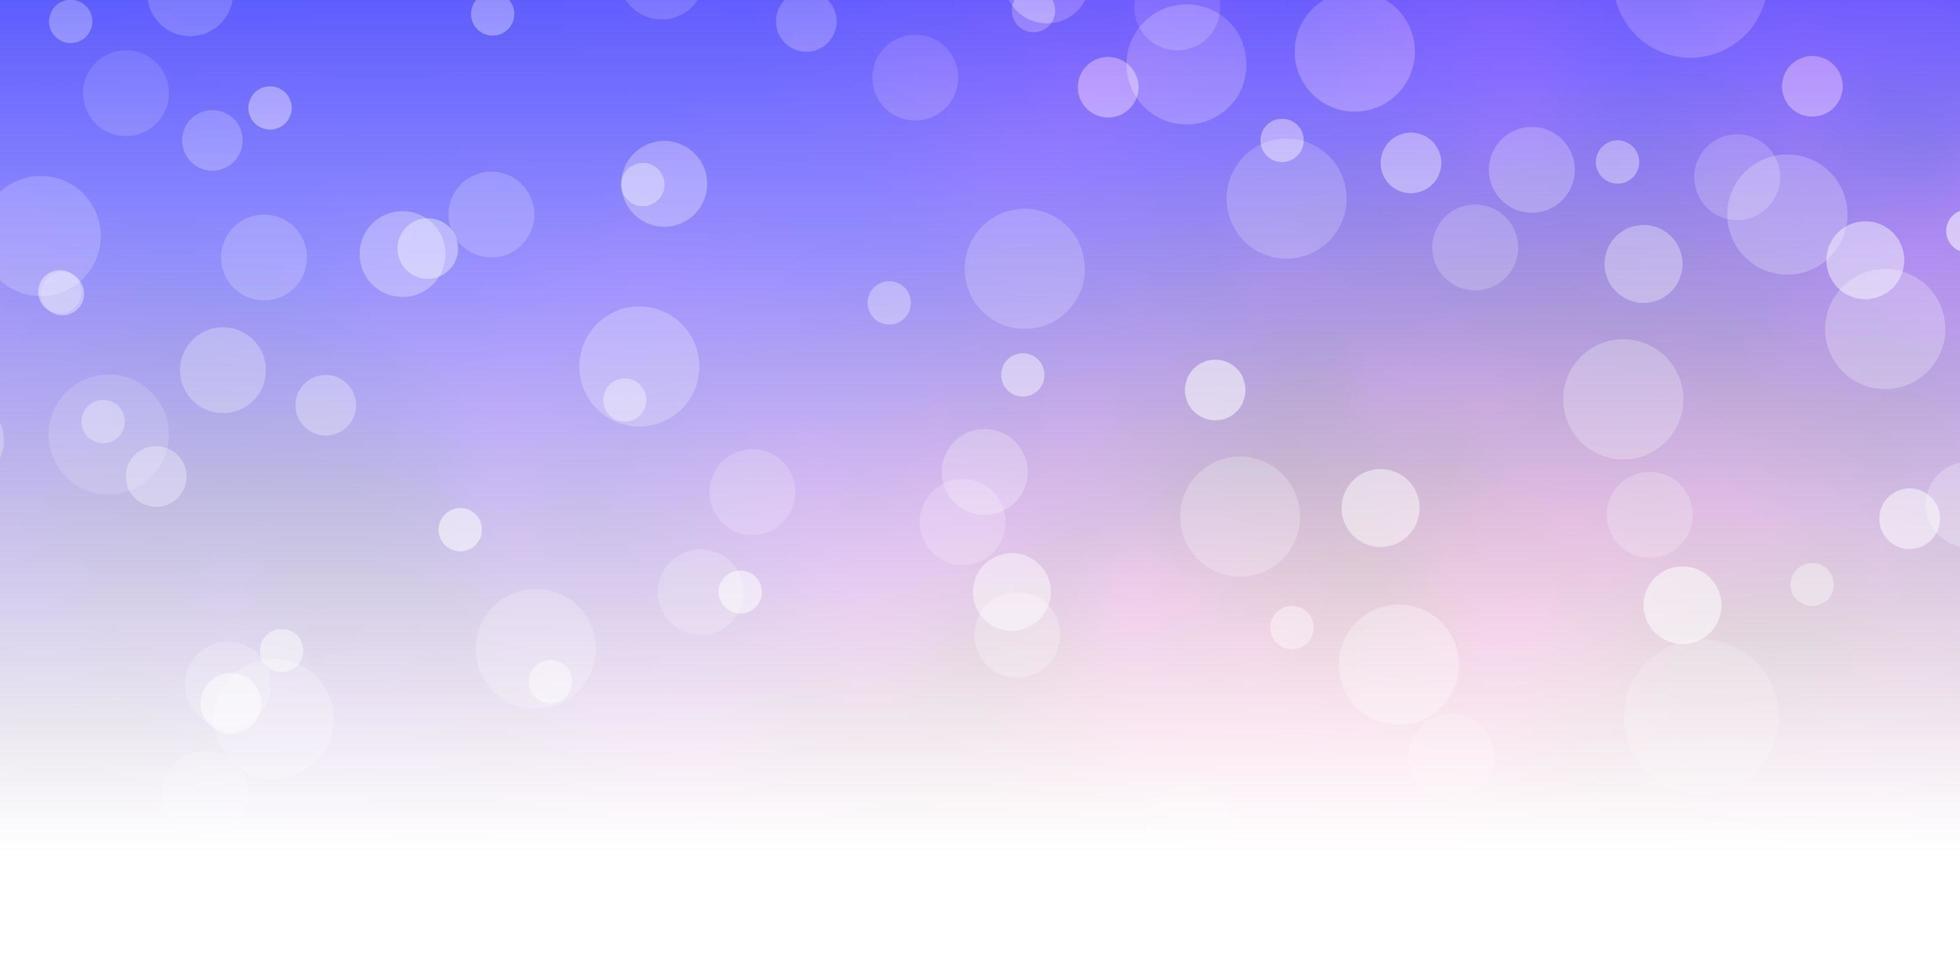 texture de vecteur bleu clair, rouge avec des cercles.